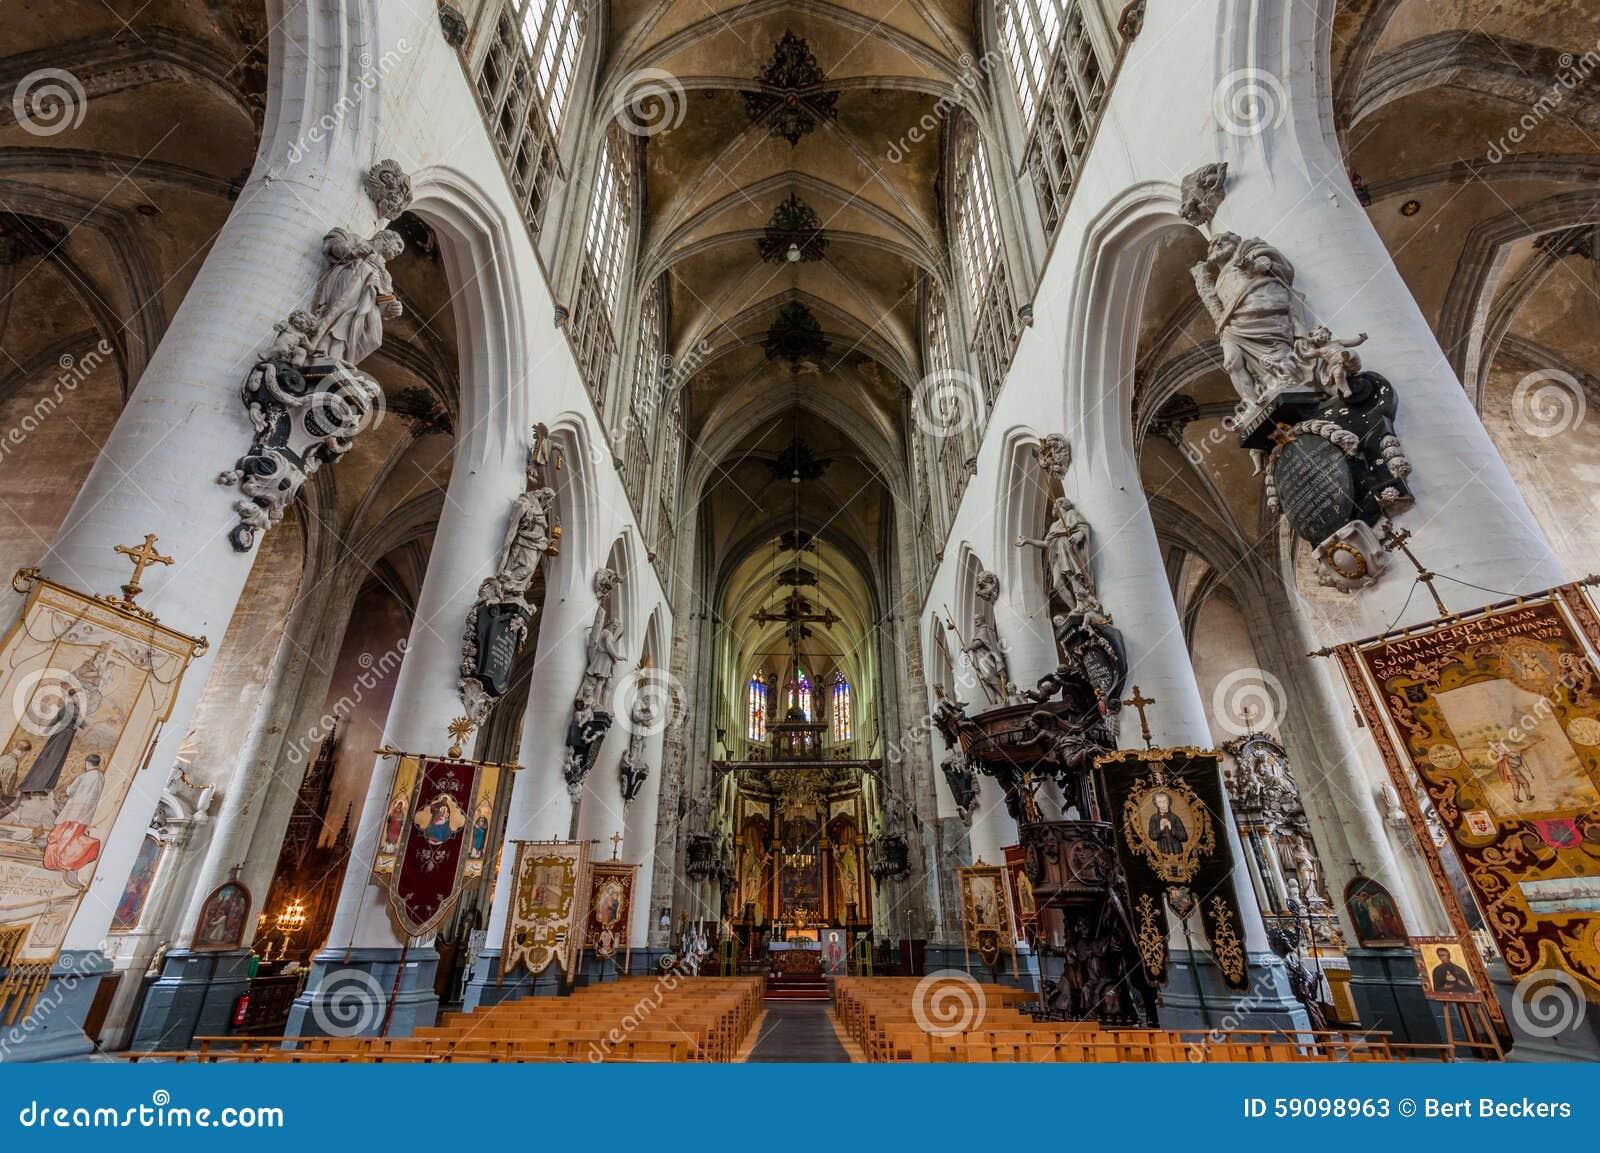 Sint-Sulpitiuskerk intérieur gothique Diest, Belgique